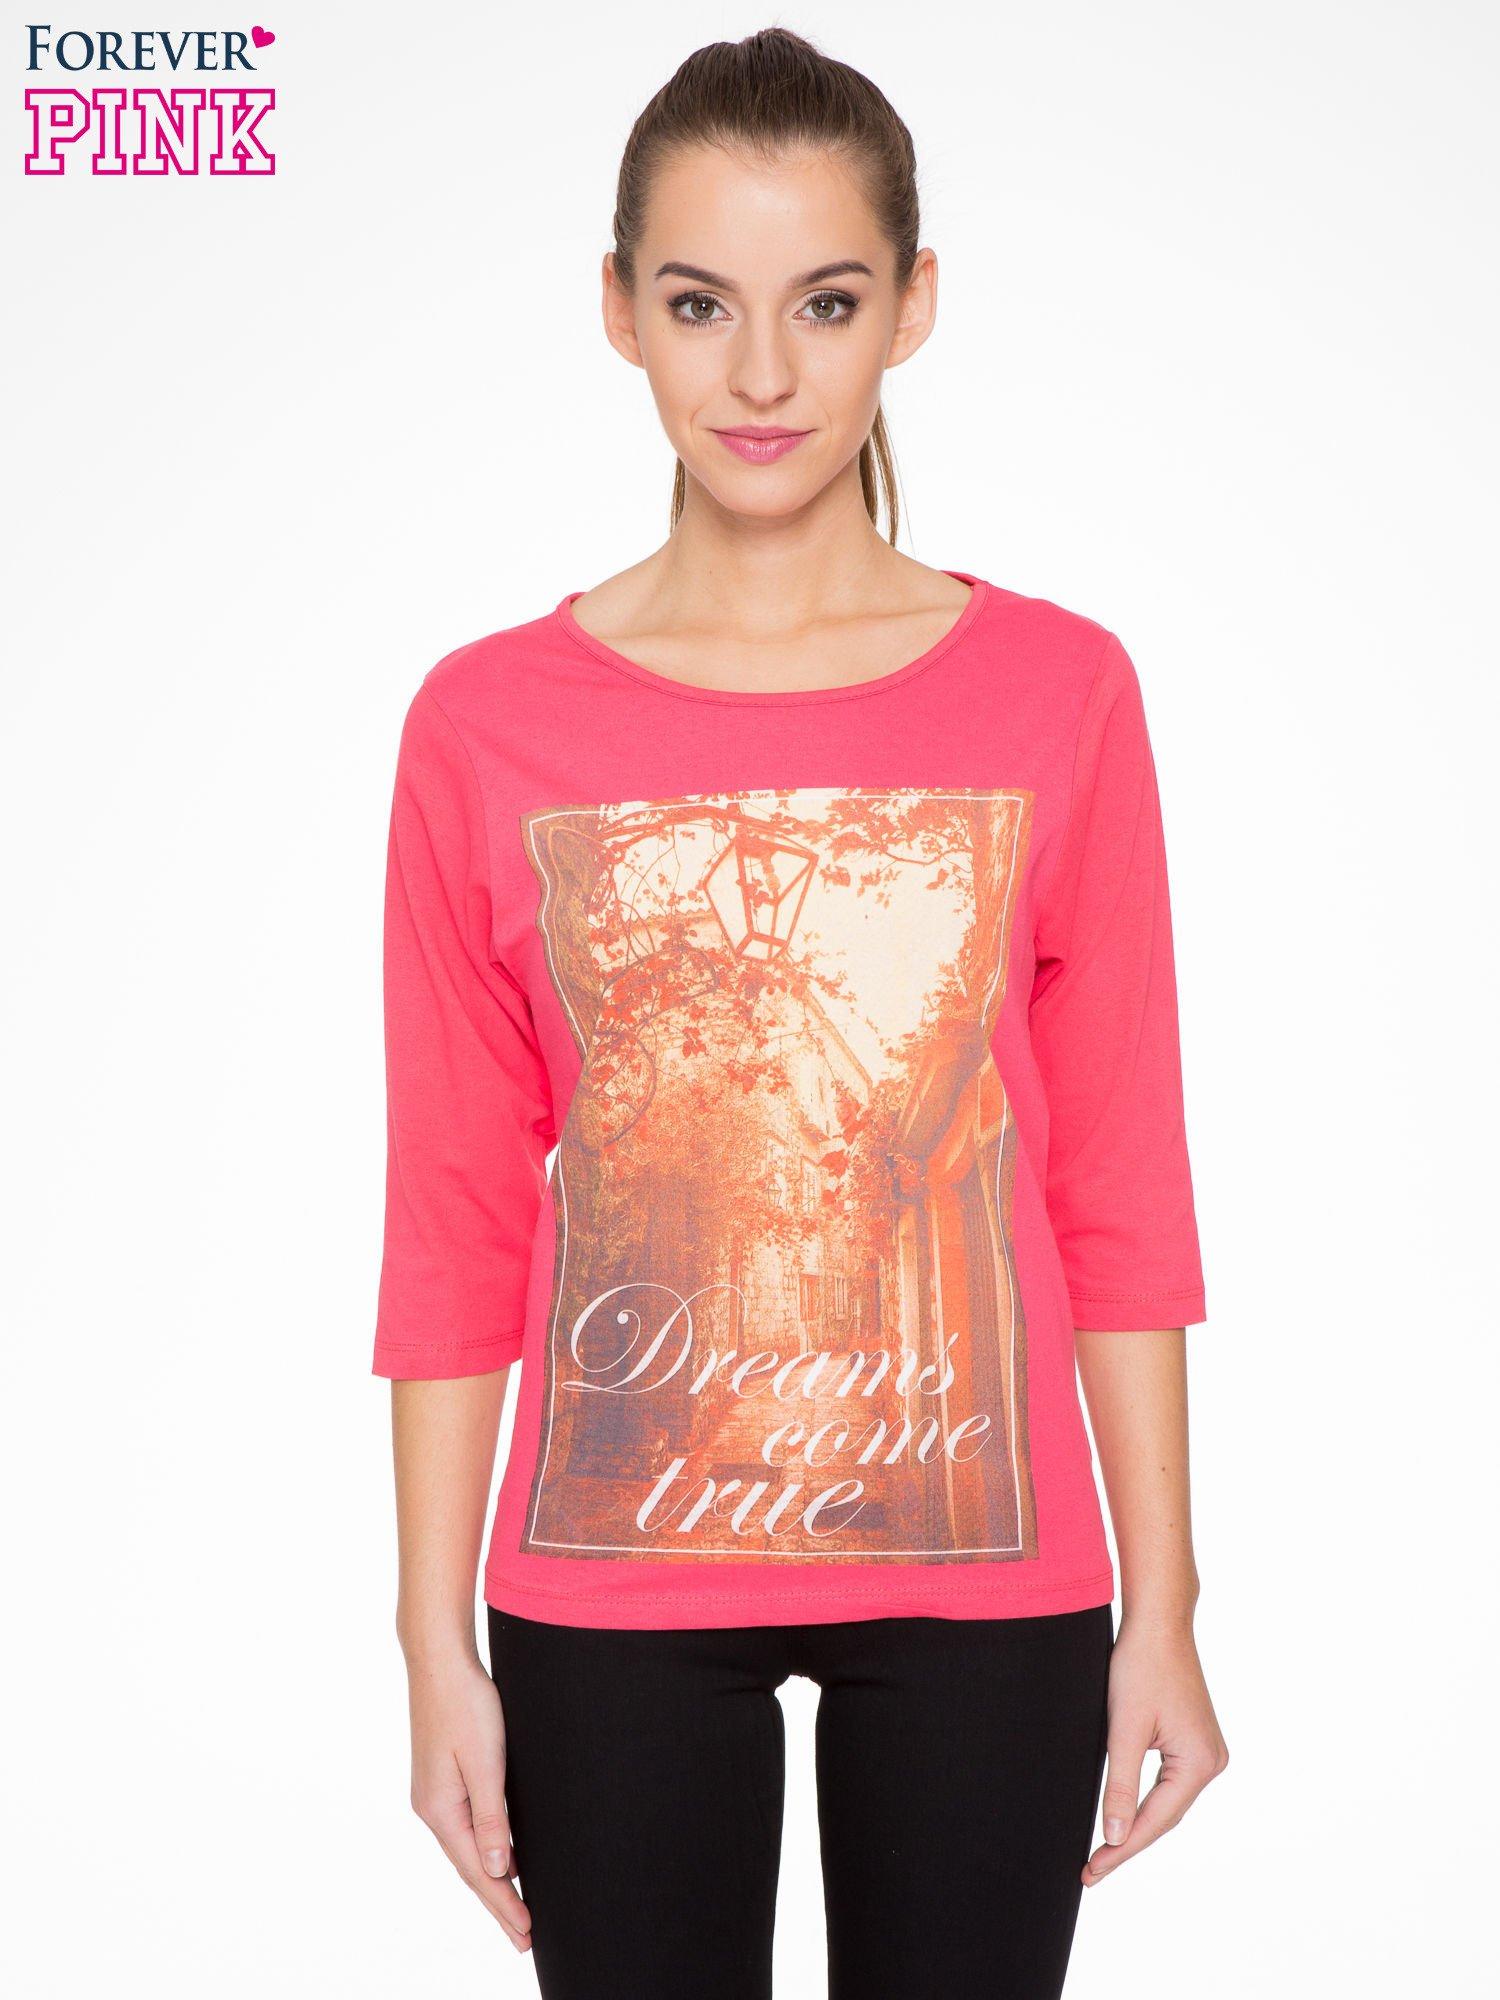 Koralowa bluzka z nadrukiem DREAMS COME TRUE                                  zdj.                                  1